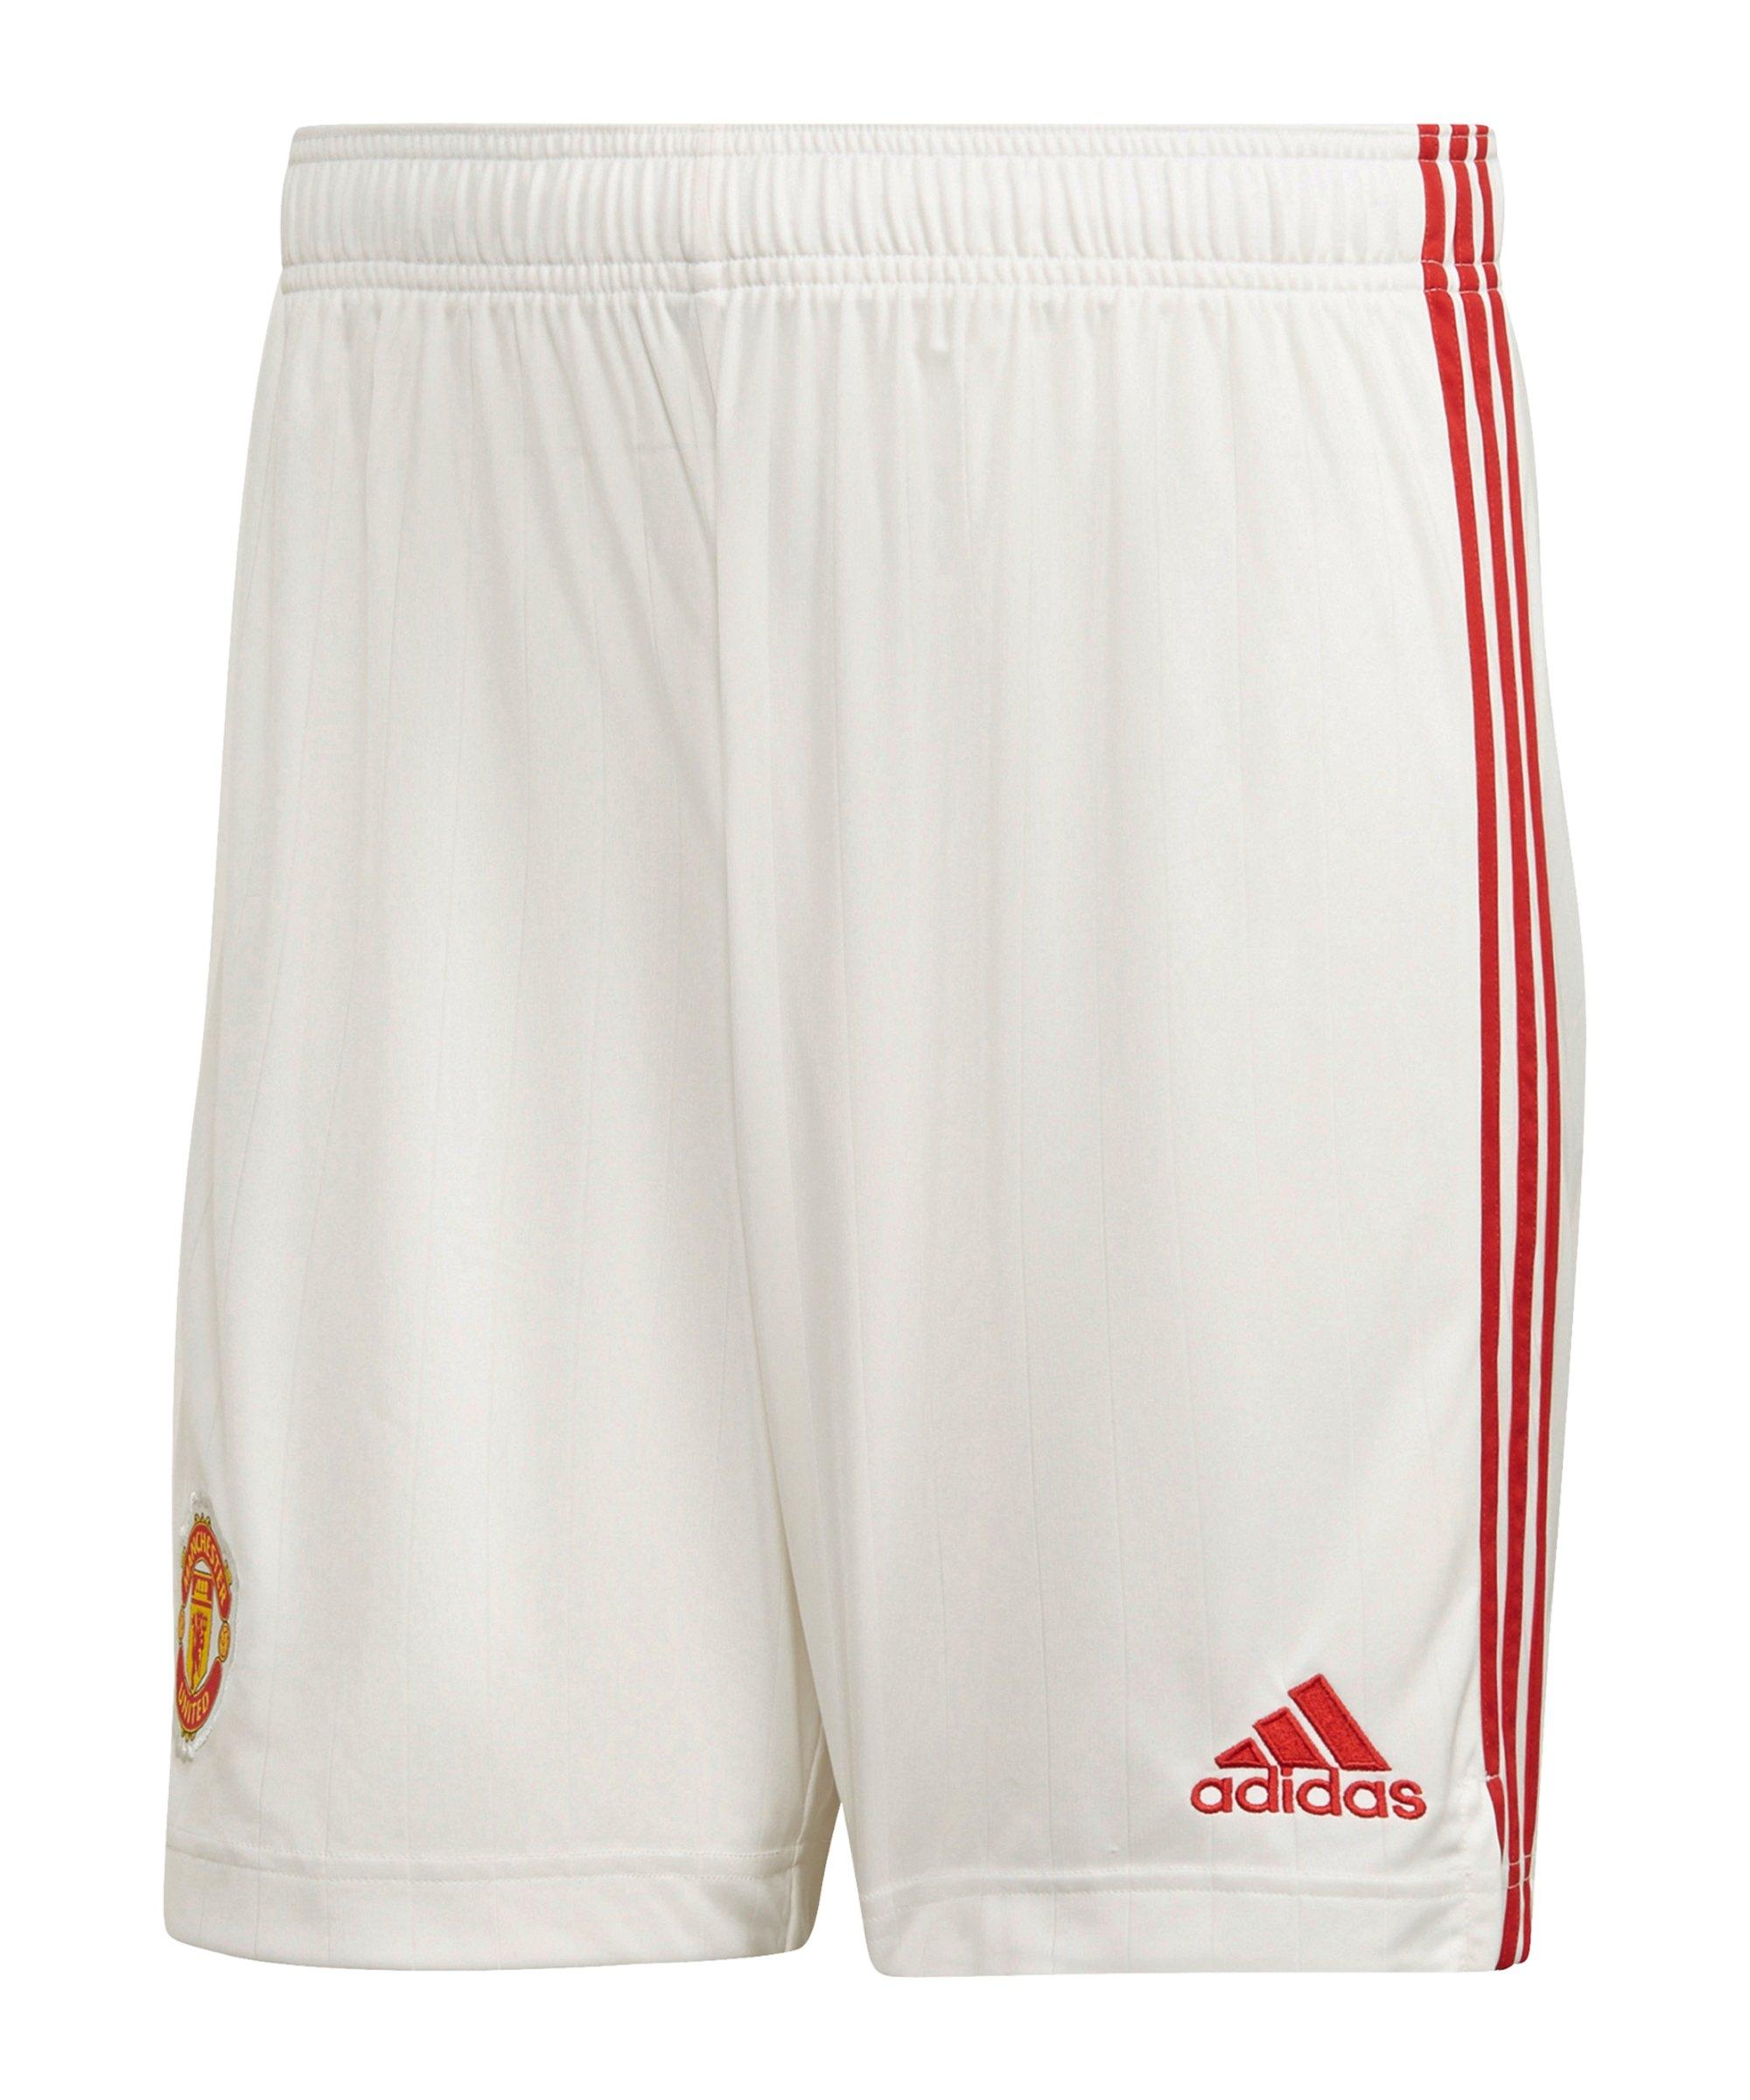 adidas Manchester United Short Home 2021/2022 Weiss - weiss